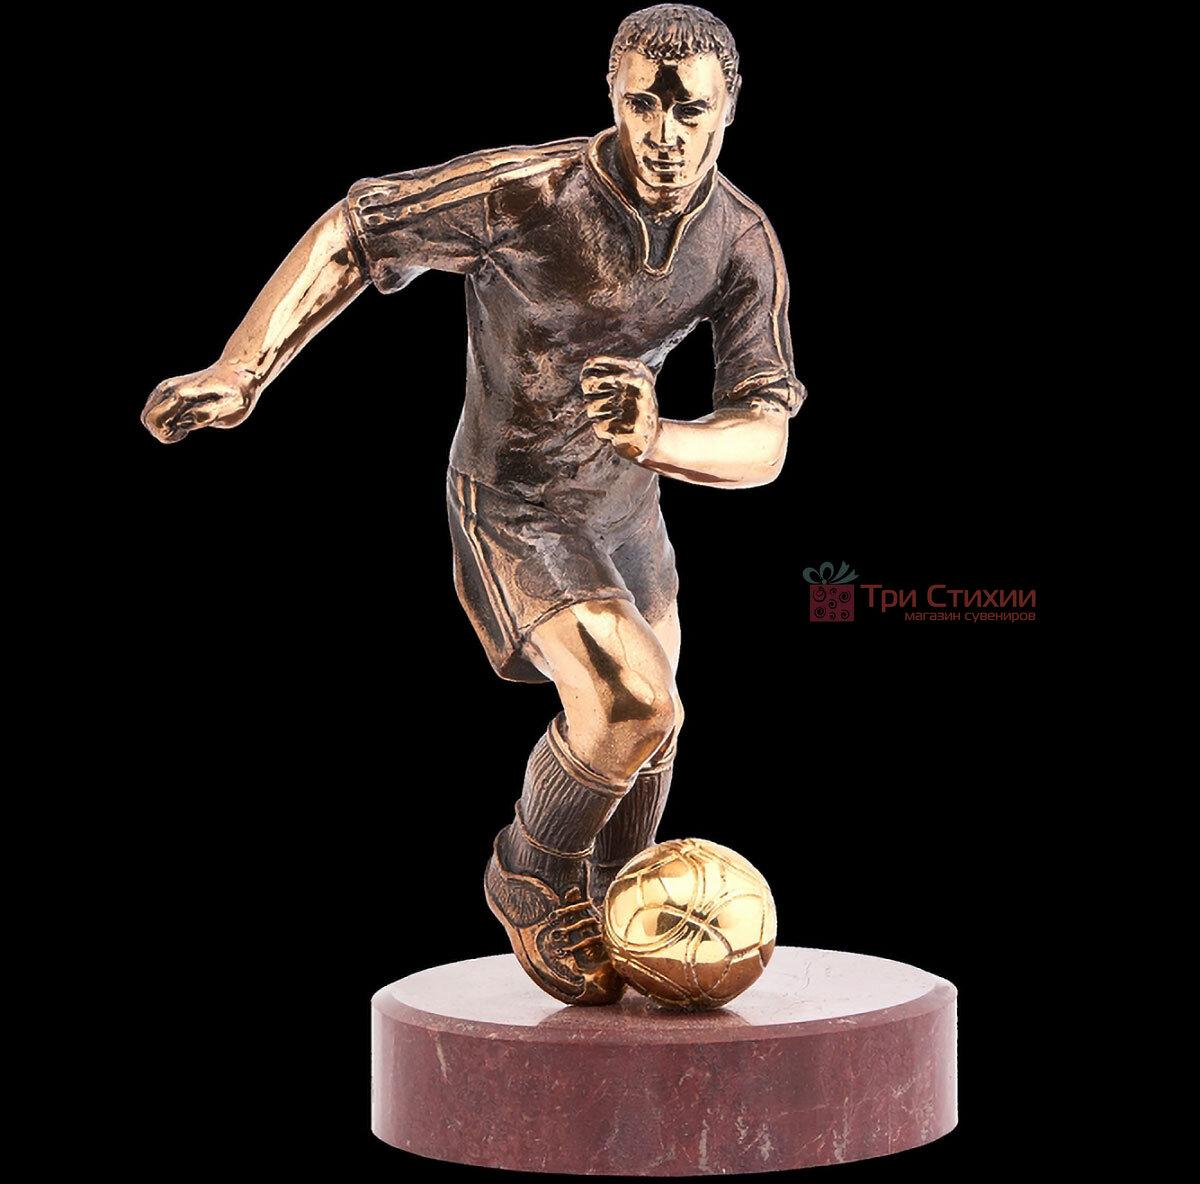 Статуетка з бронзи Футболіст Vizuri (Візурі) S02, фото 3